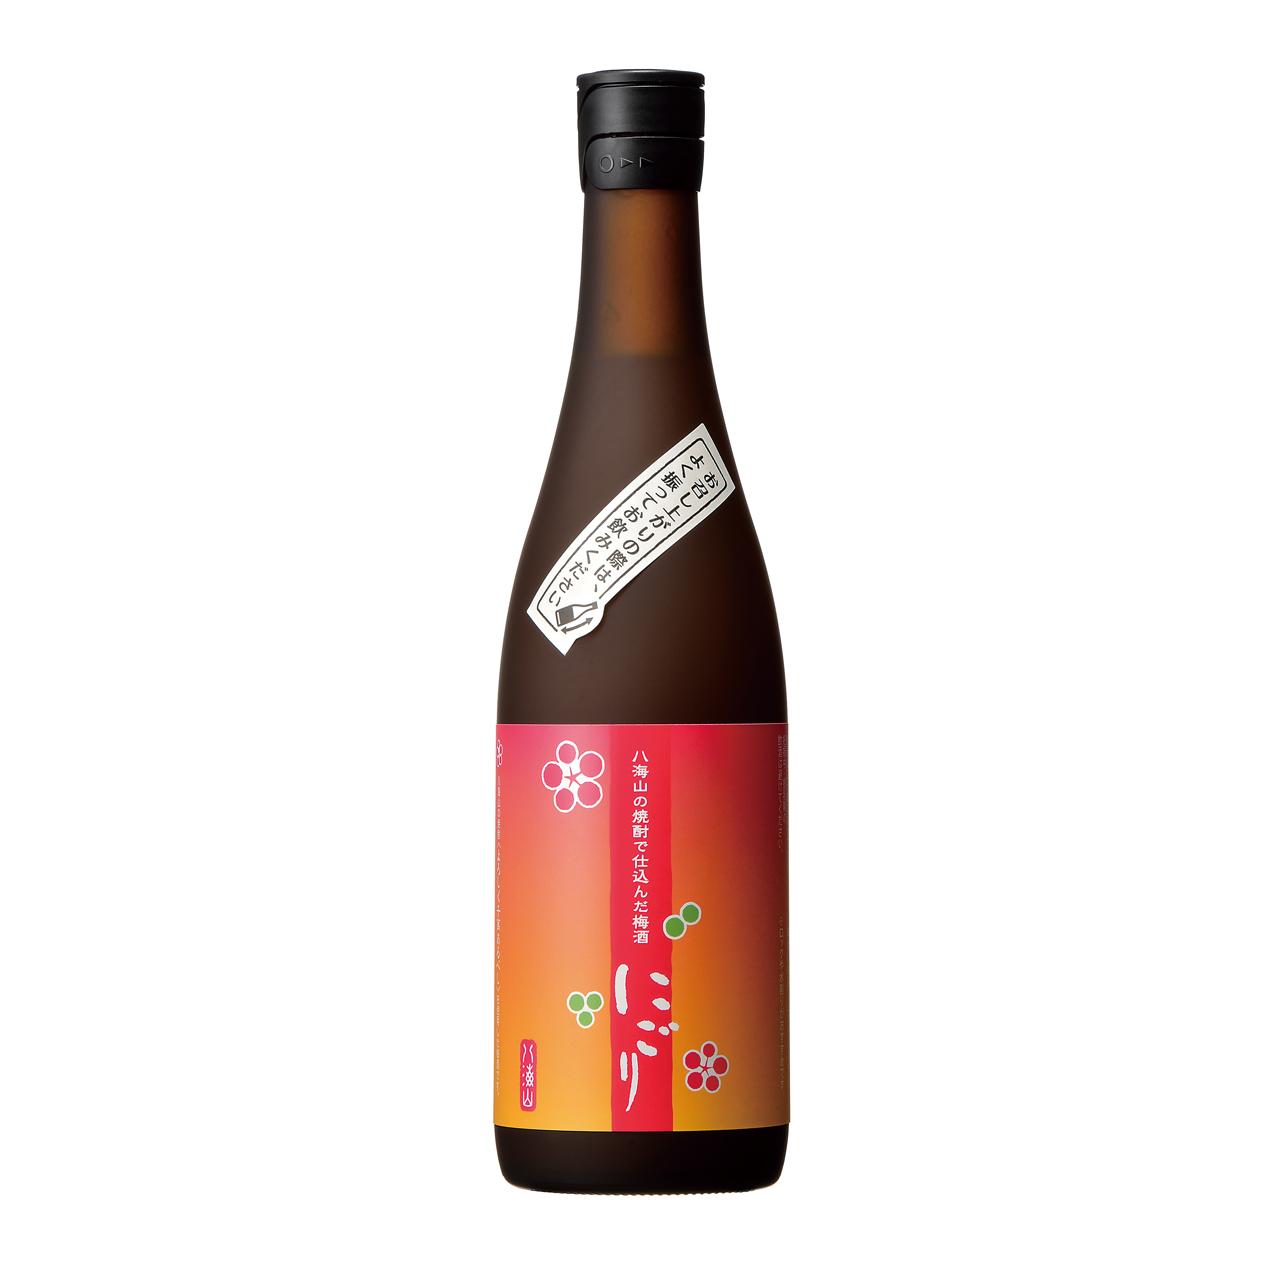 お酒 お中元 ギフト 八海山の焼酎で仕込んだ梅酒 にごり 720ML 12本 新潟県 八海山 梅酒 ケース販売 送料無料 プレゼント